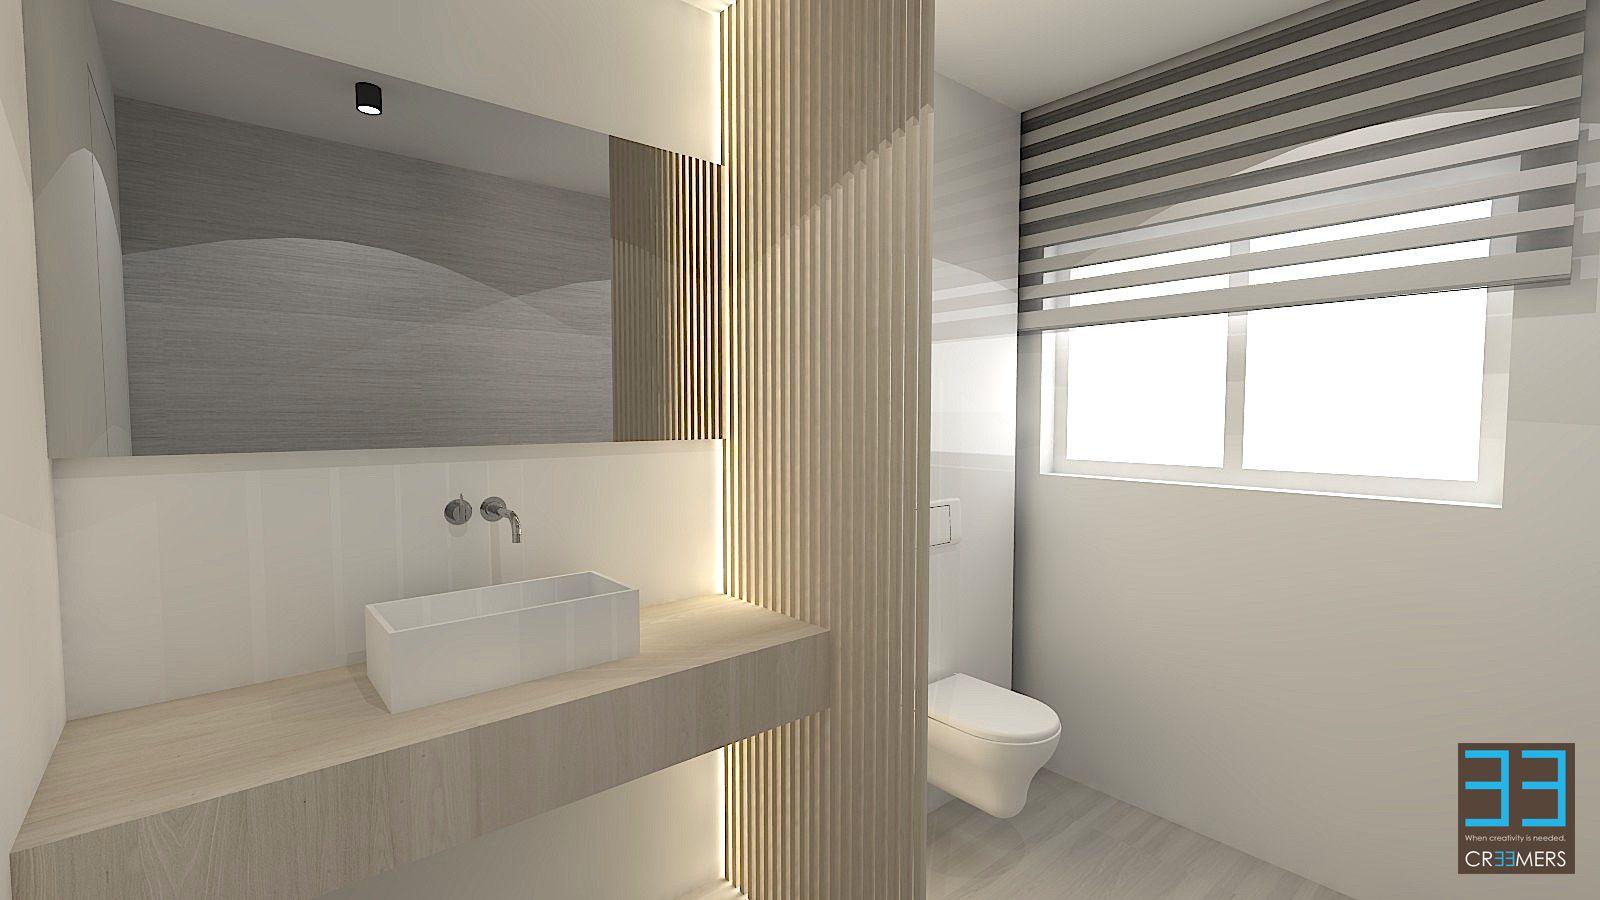 Modern badkamer ontwerp in wit en eik fineer. Spoelbak opbouw in ...